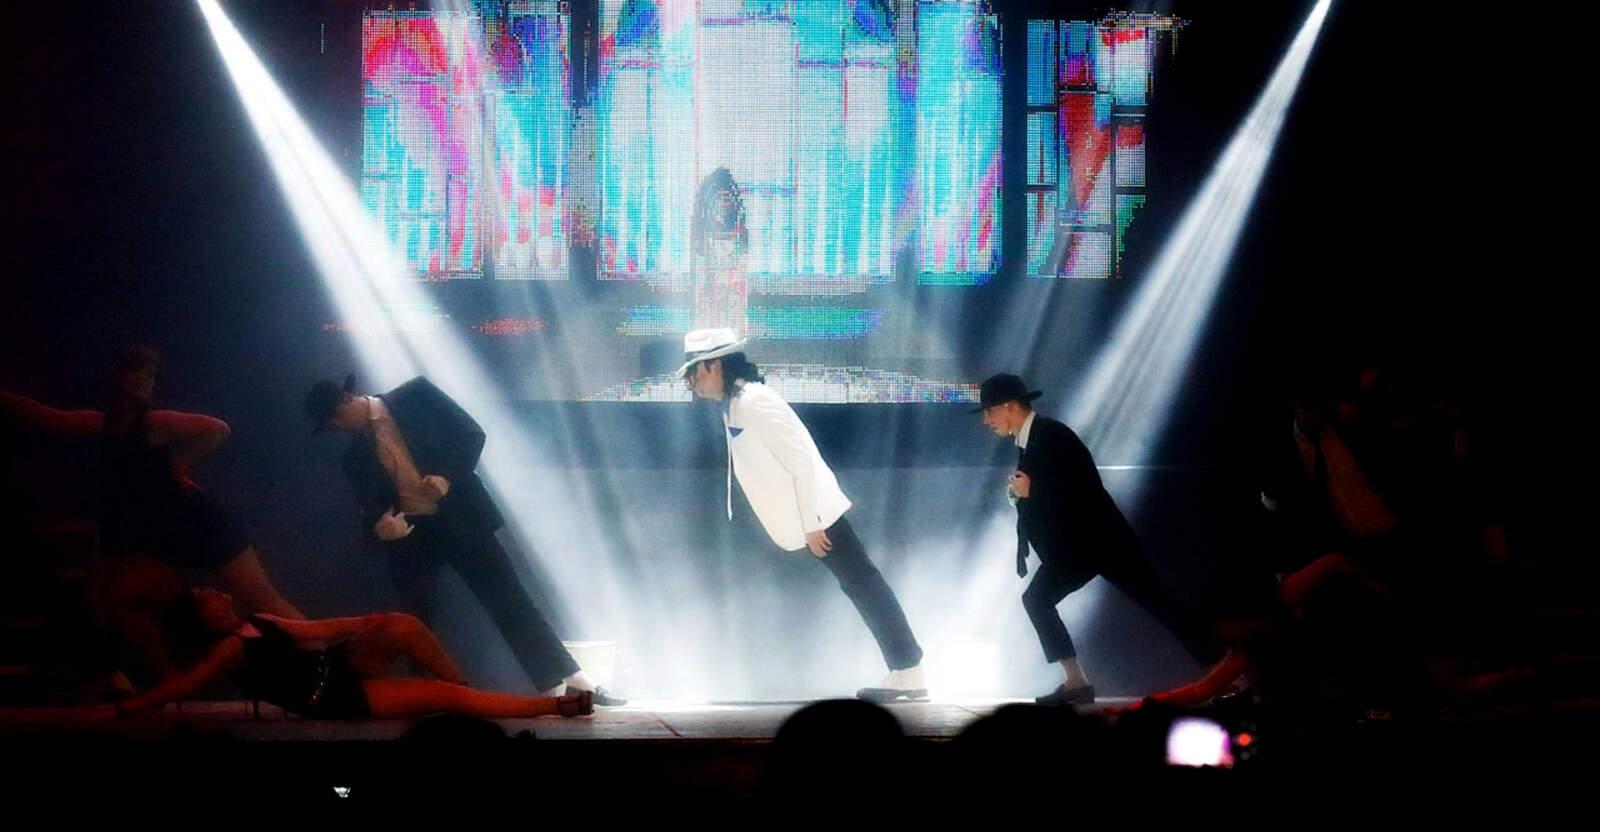 Michael 's Legacy és el millor espectacle musical sobre El Rei de el Pop